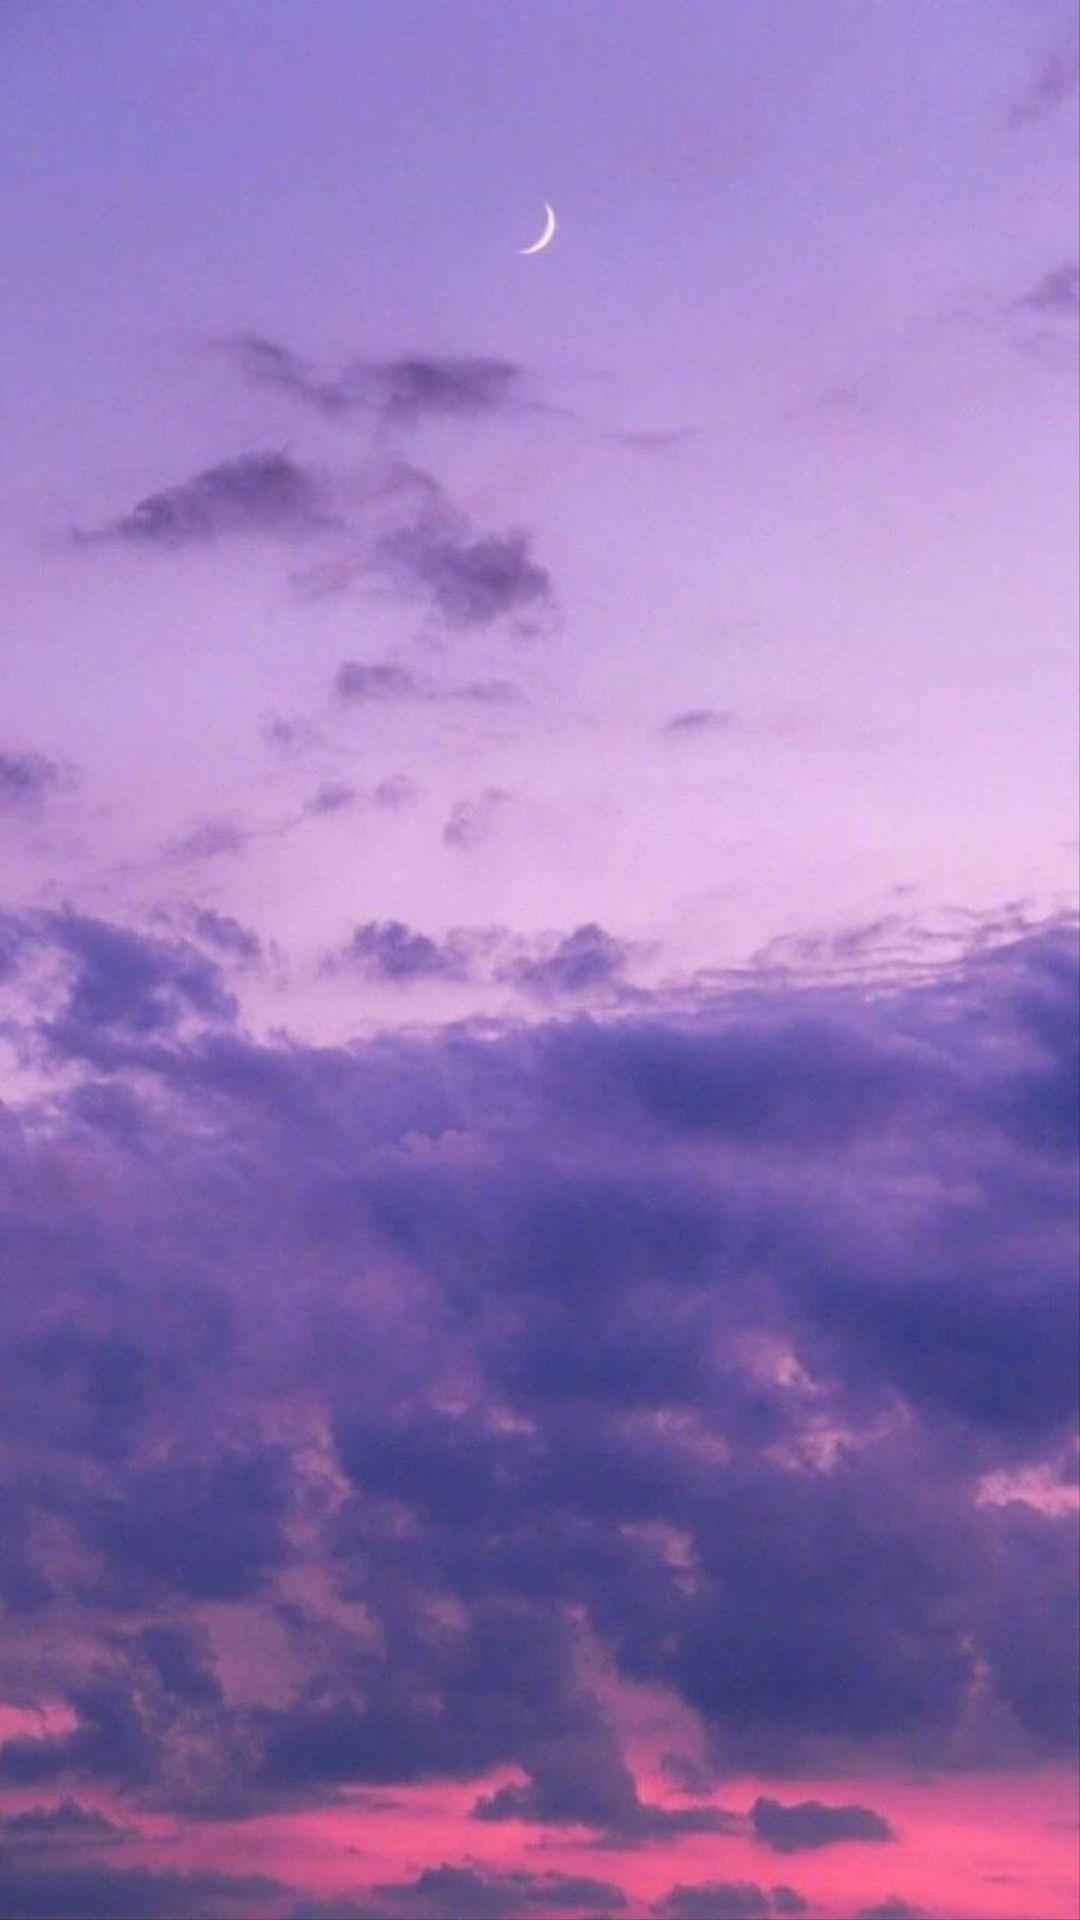 Sky Cloud Daytime Purple Atmosphere Violet Sky Aesthetic